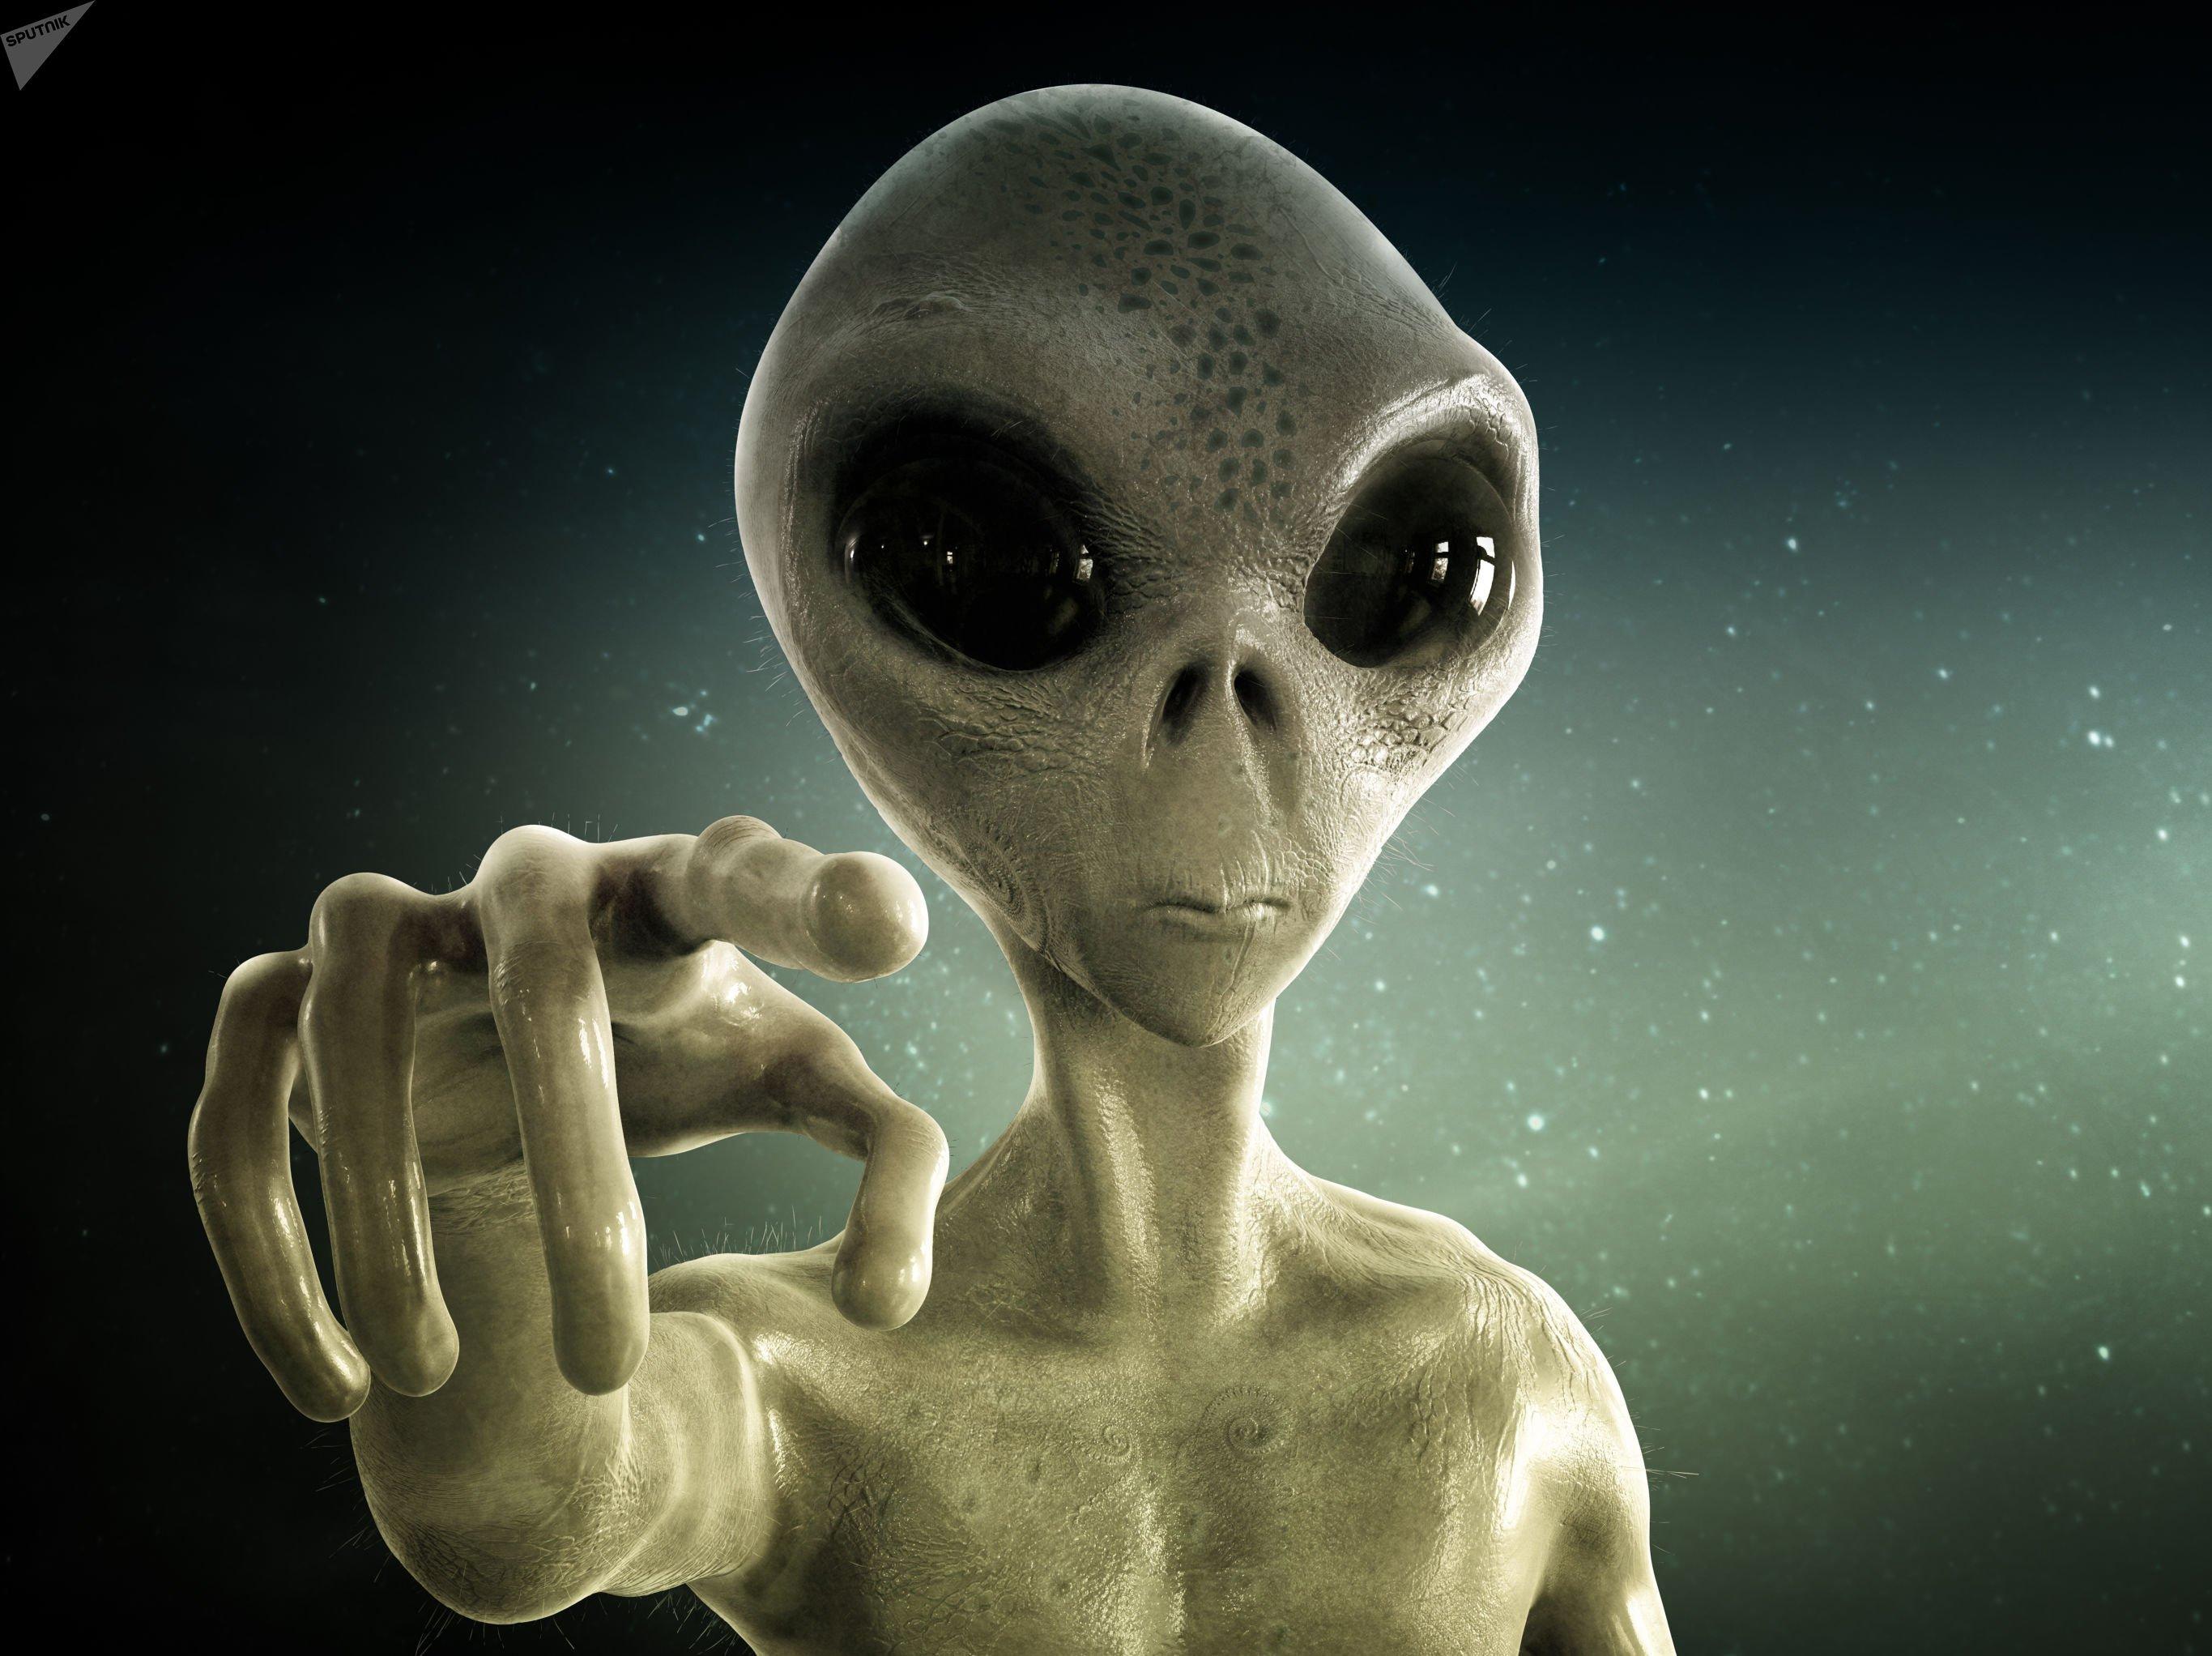 фотографии инопланетян из космоса огромных затрат